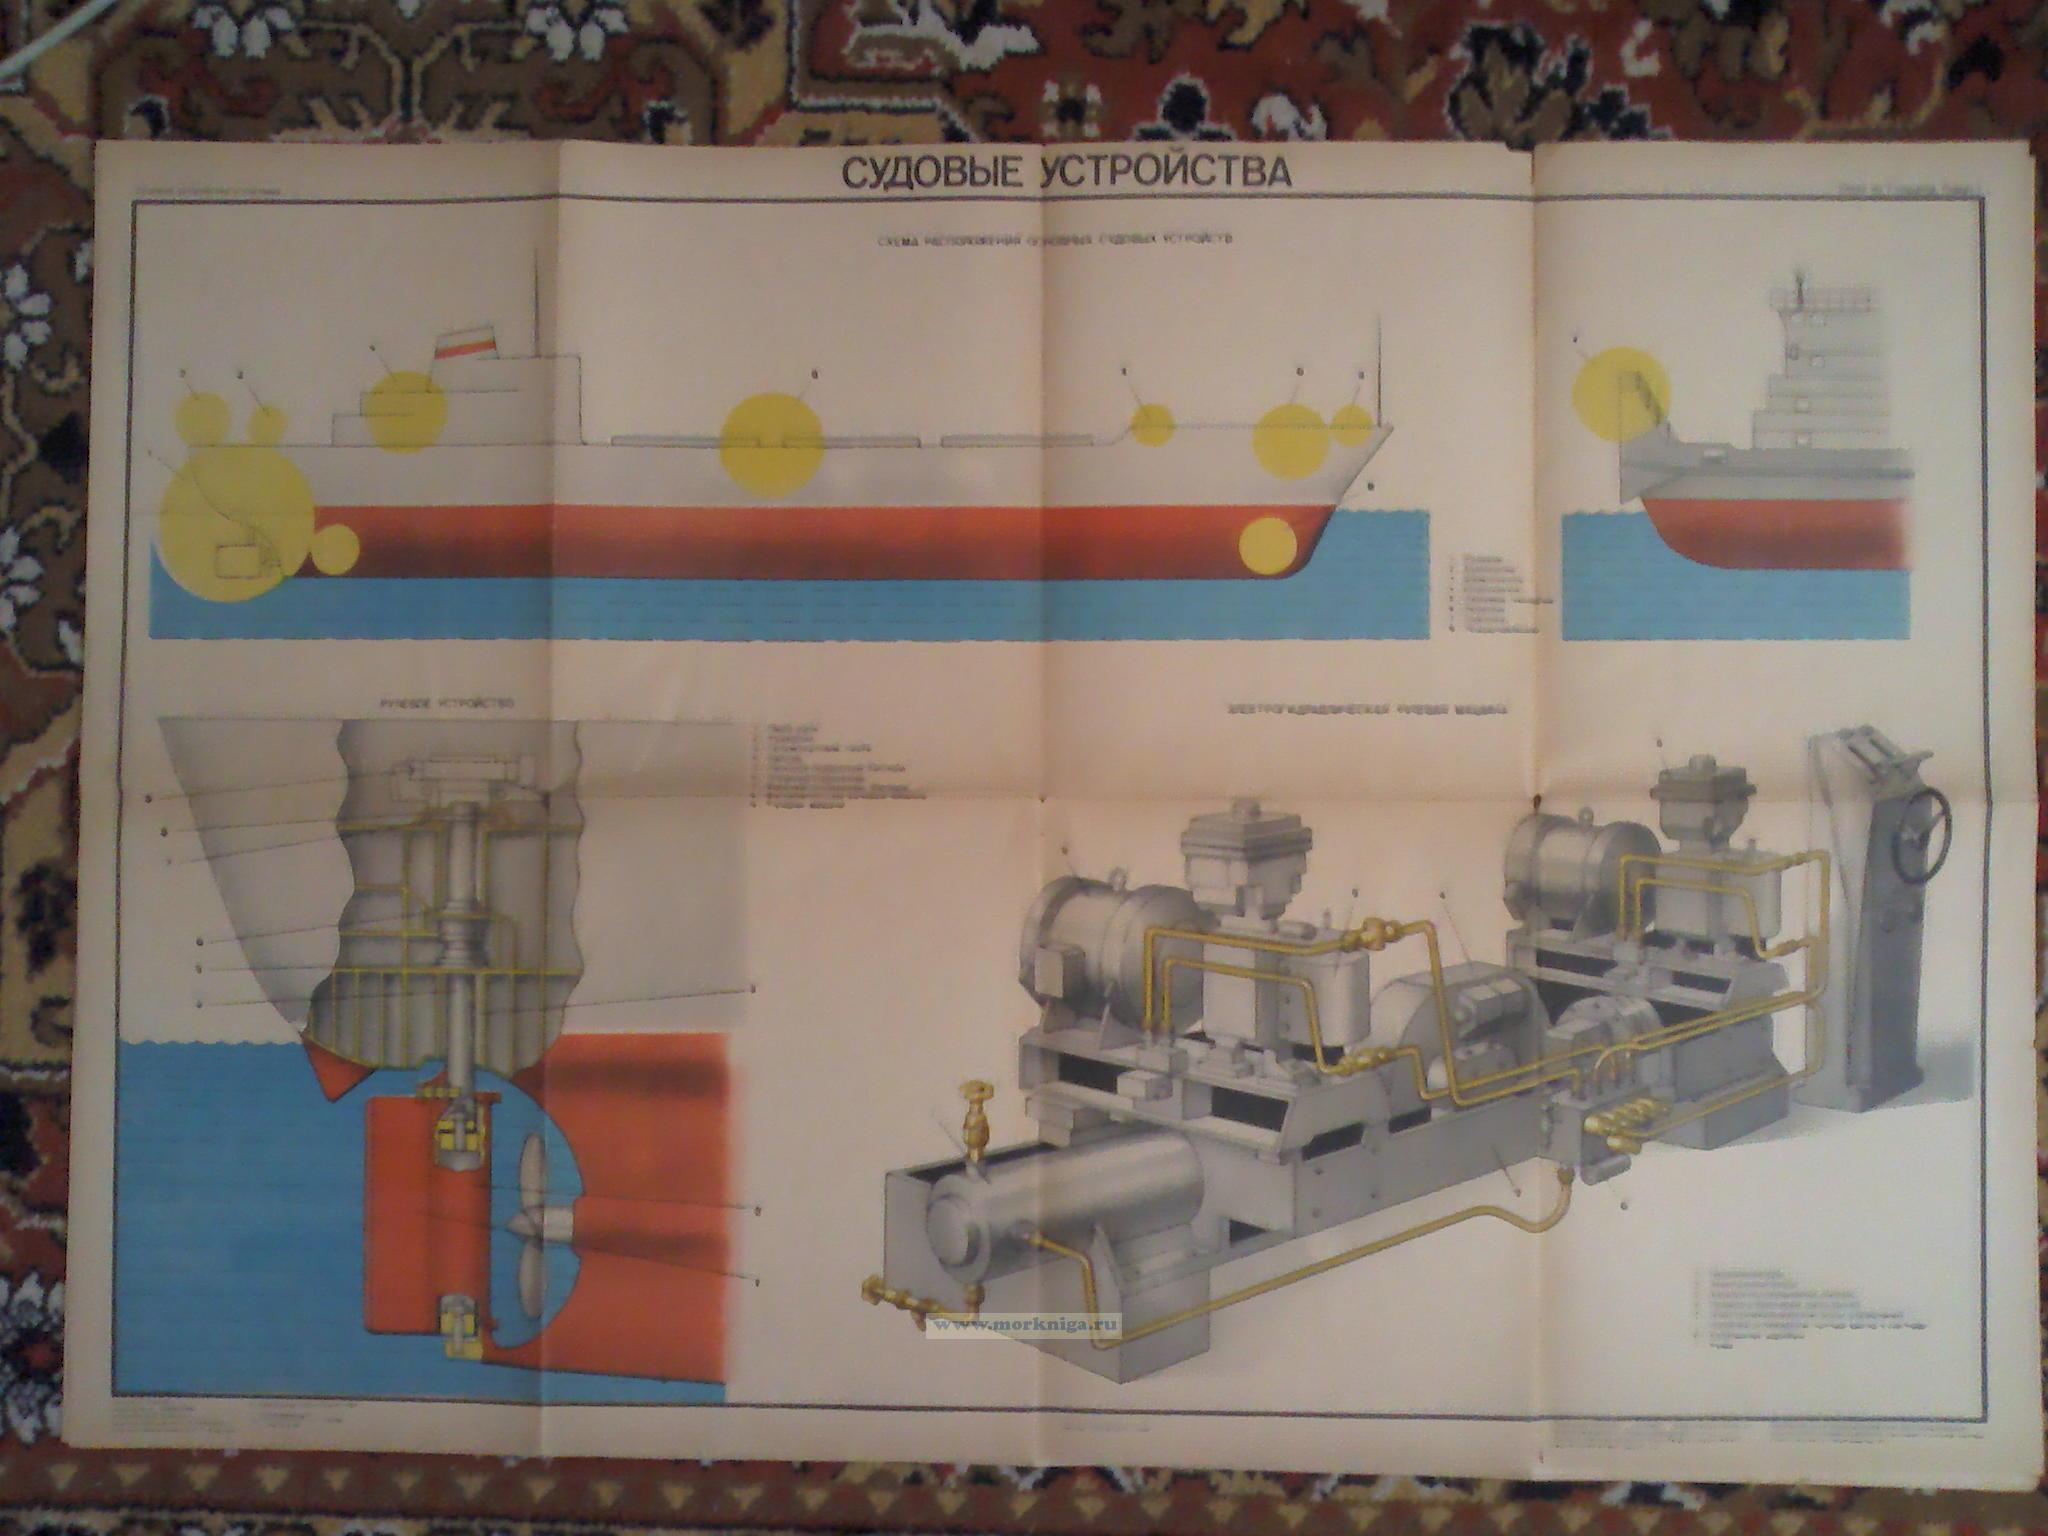 Cудовые системы и устройства (плакаты)